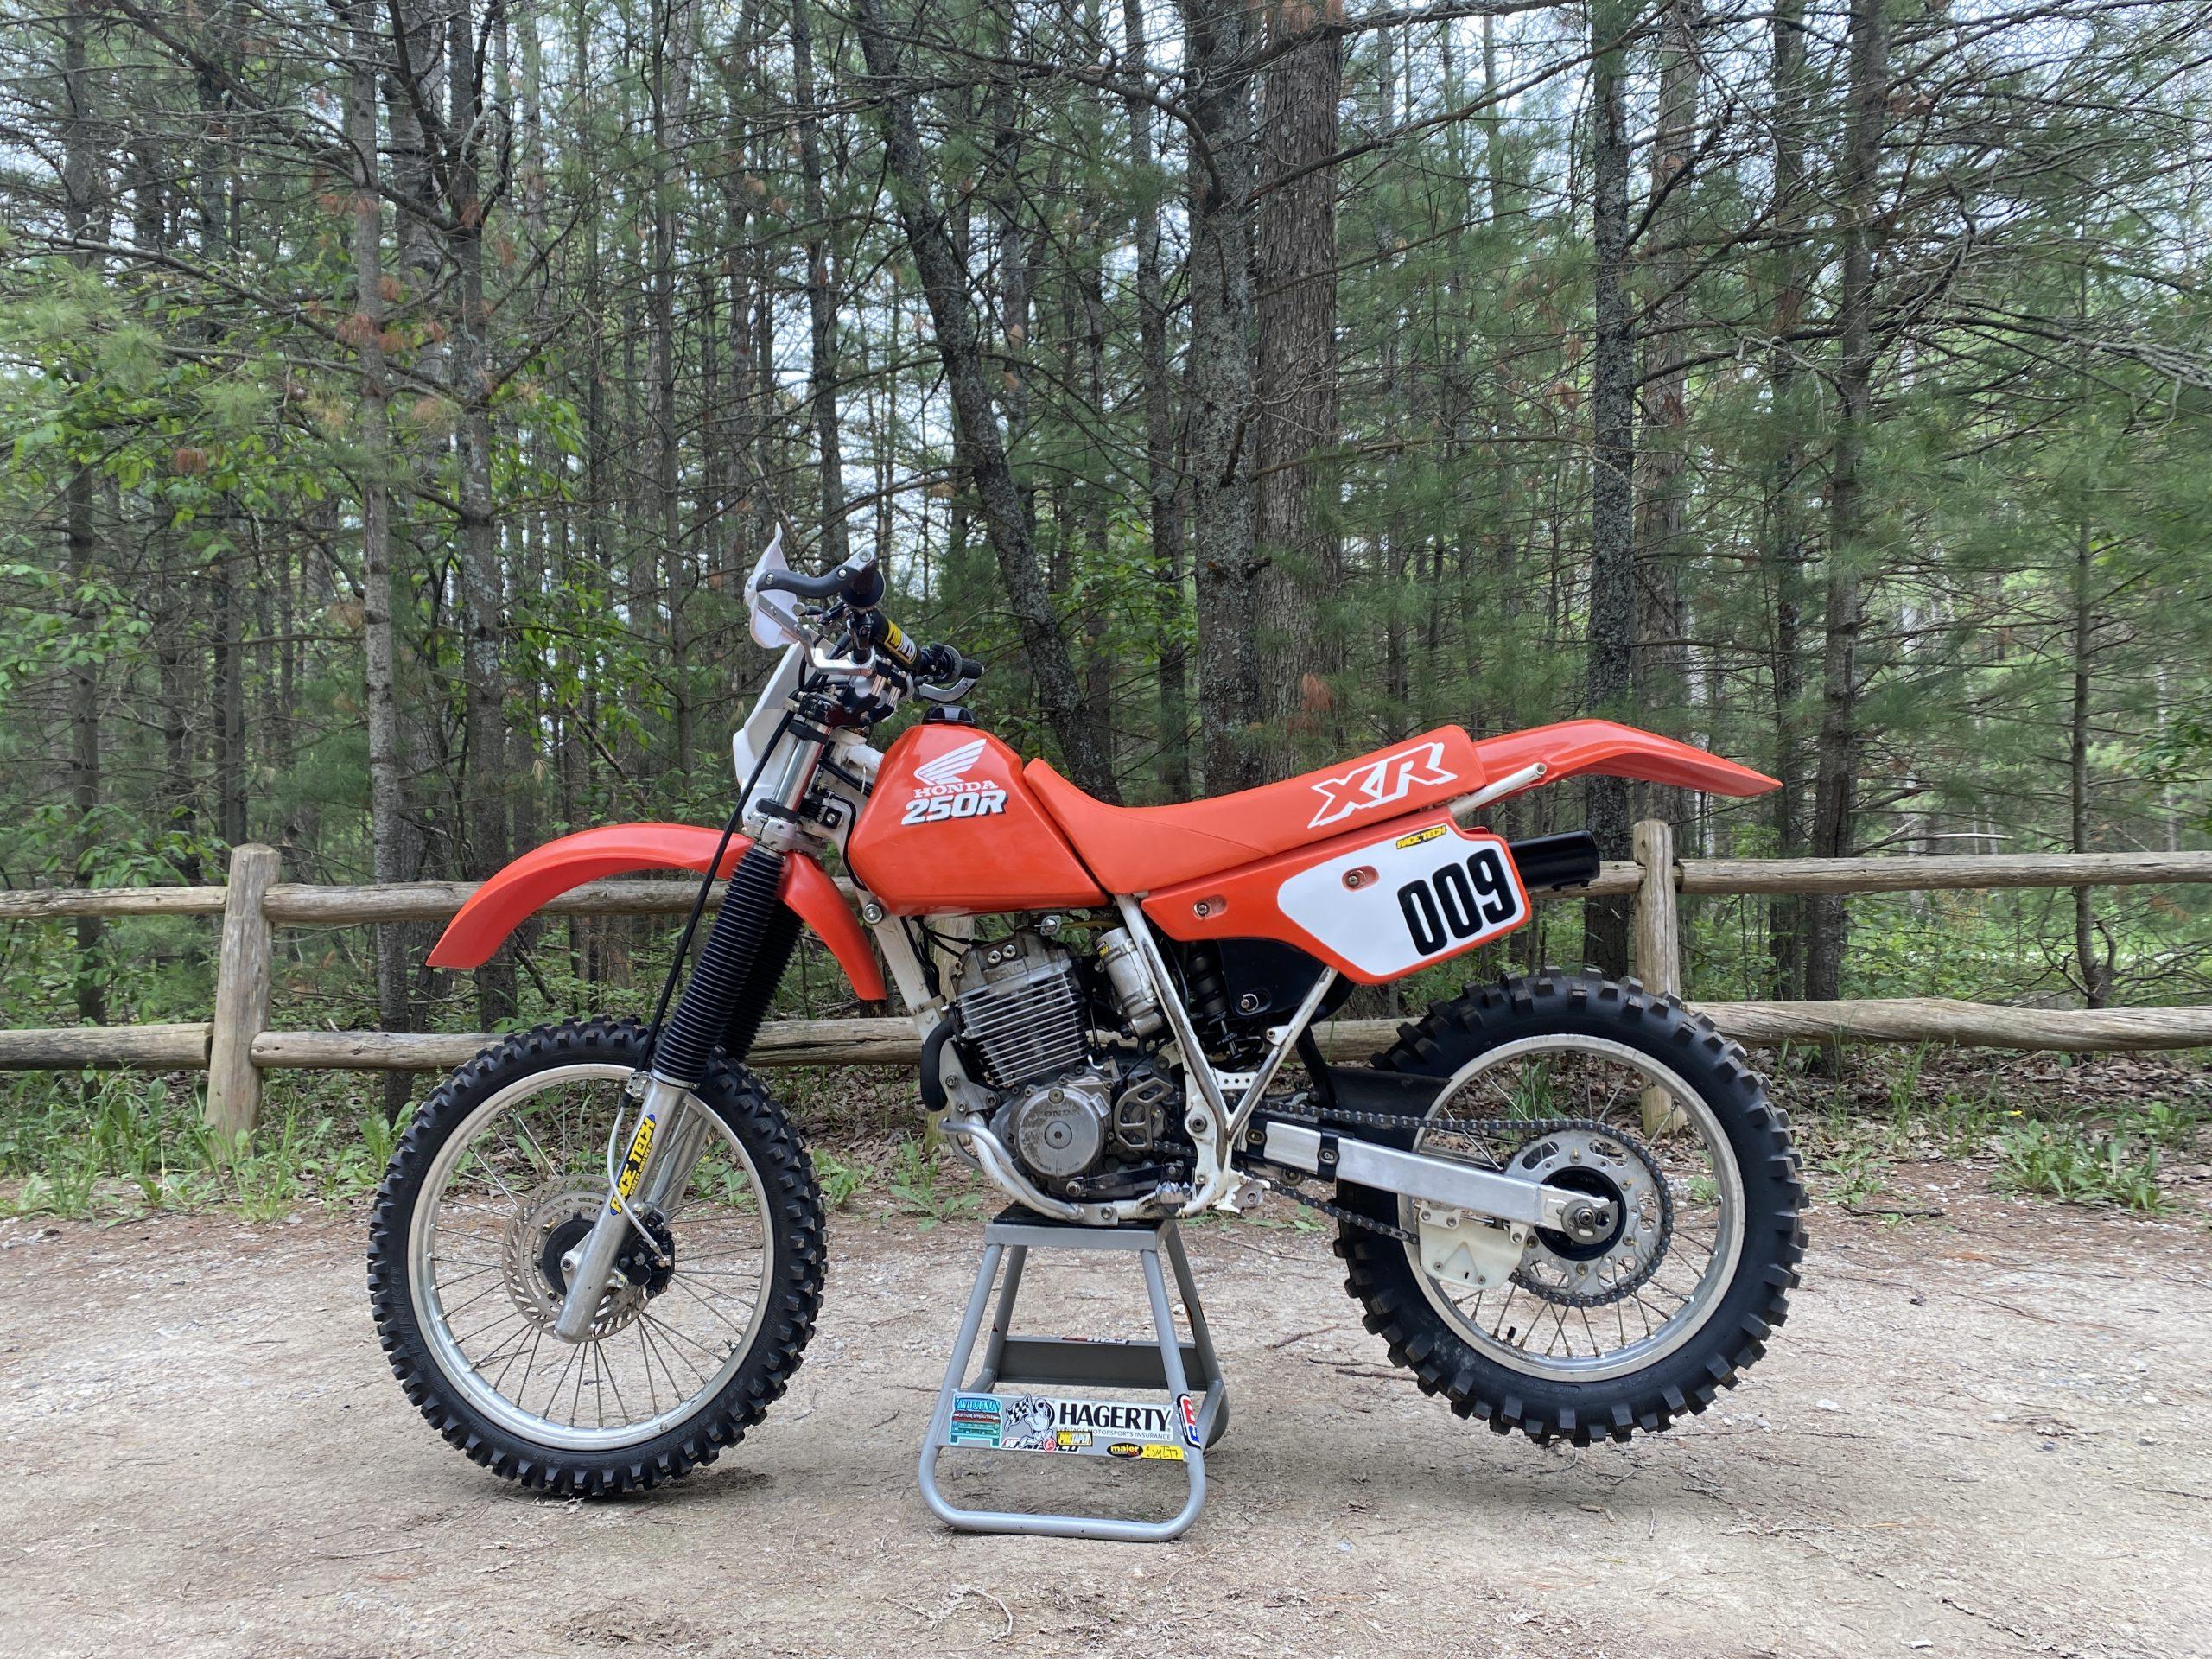 Honda XR250R left side completed